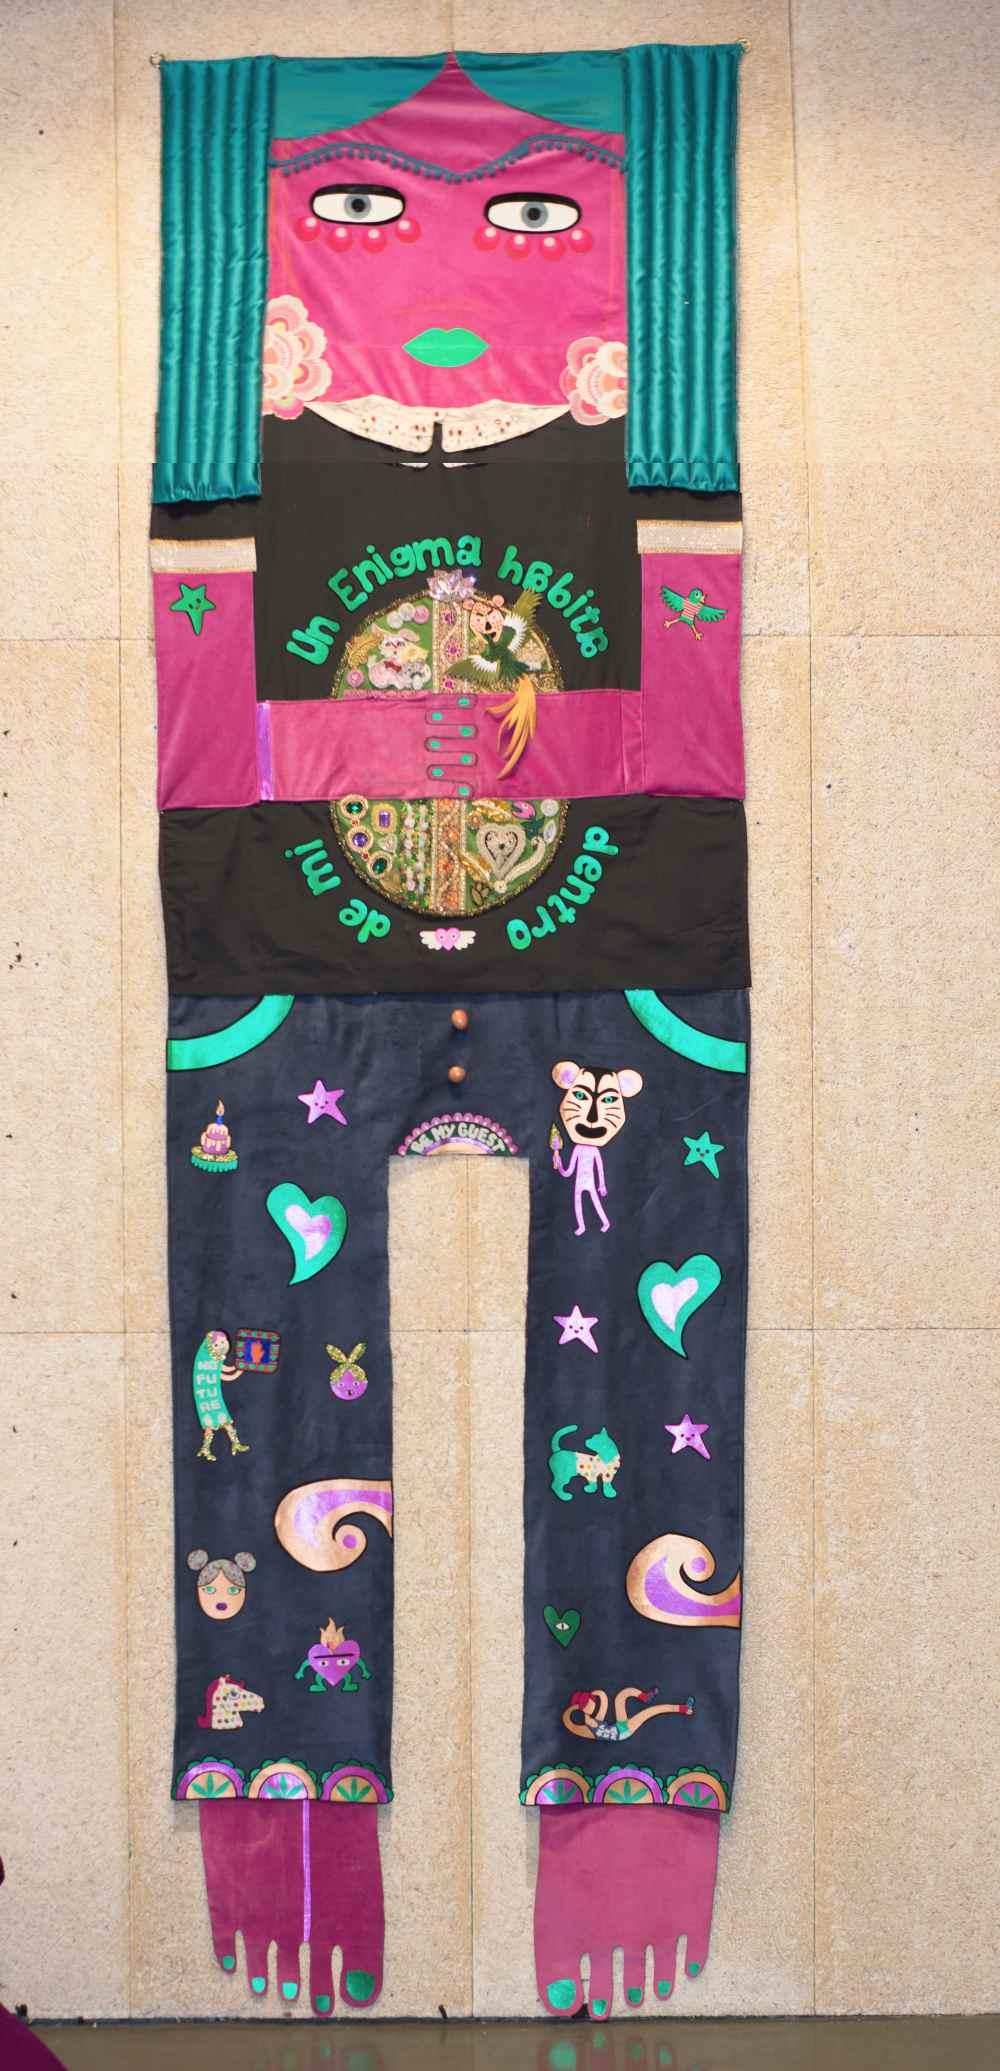 CAROL SOLAR Josefita-Textil-270 x 80cm -2019